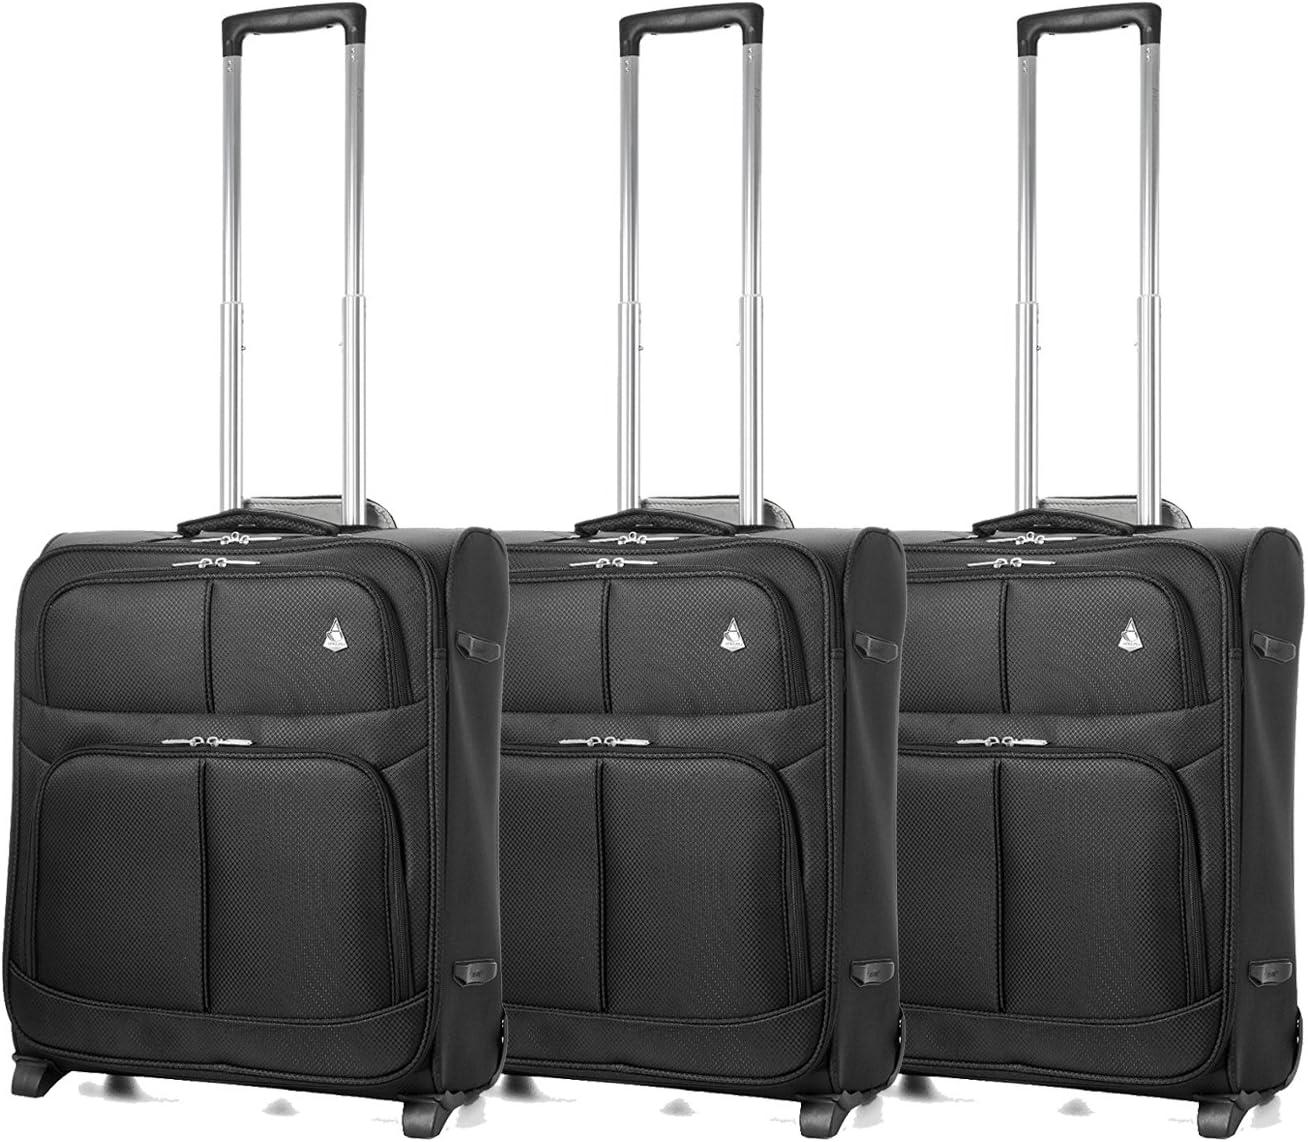 Noir Easyjet et British Airways 56x45x25cm Bagage /à Main de Cabine maximale Approuv/é Trolley Sac Huge 60L Capacit/é, 3 x Noir